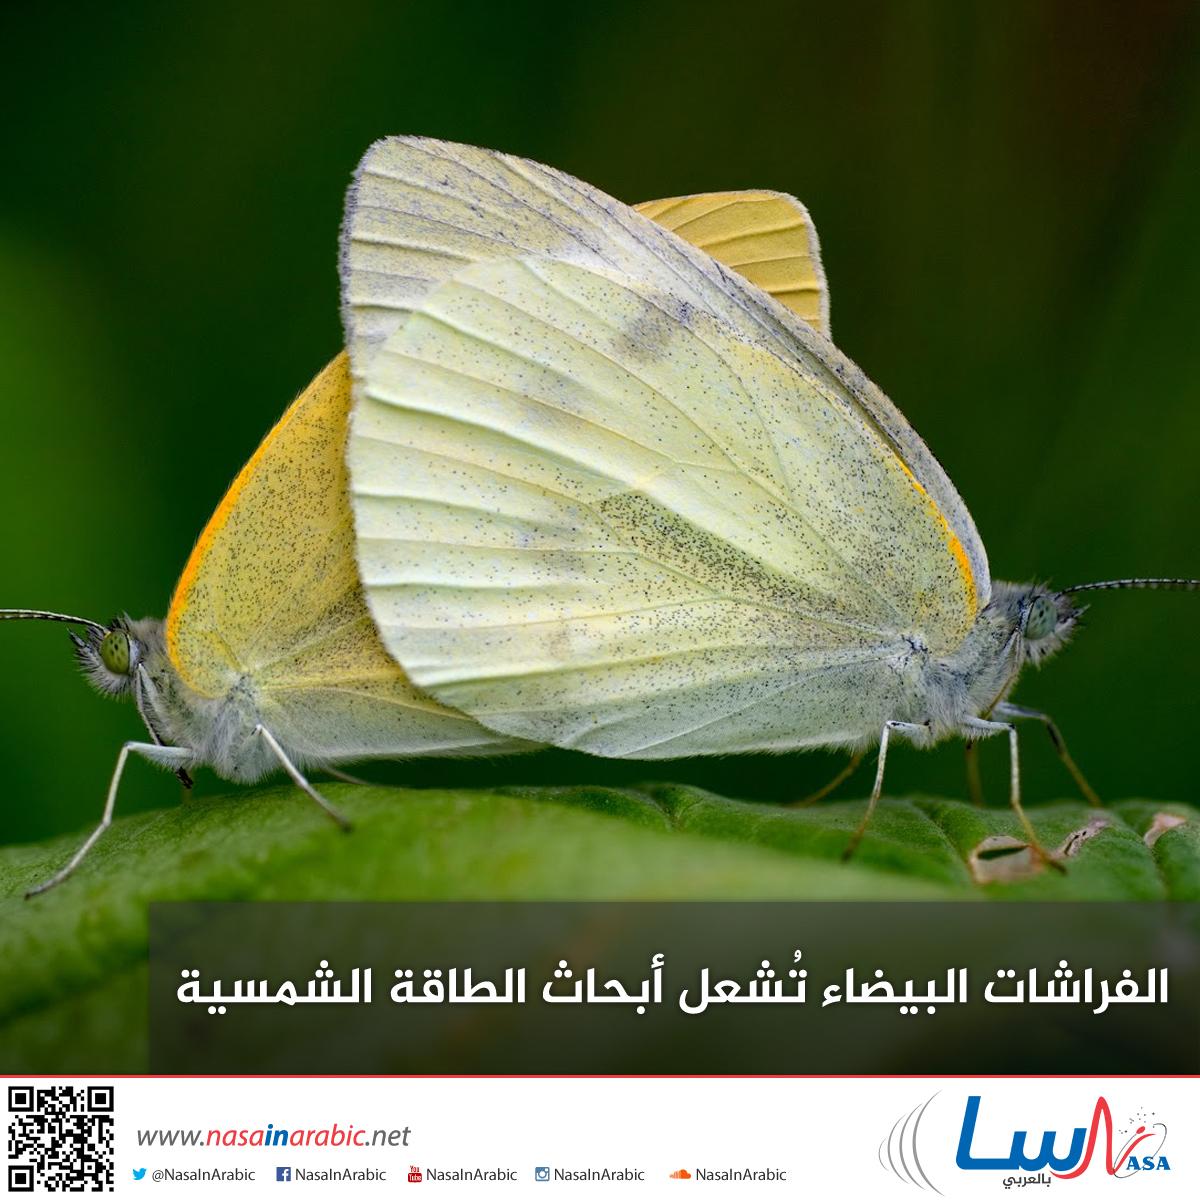 الفراشات البيضاء تُشعل أبحاث الطاقة الشمسية